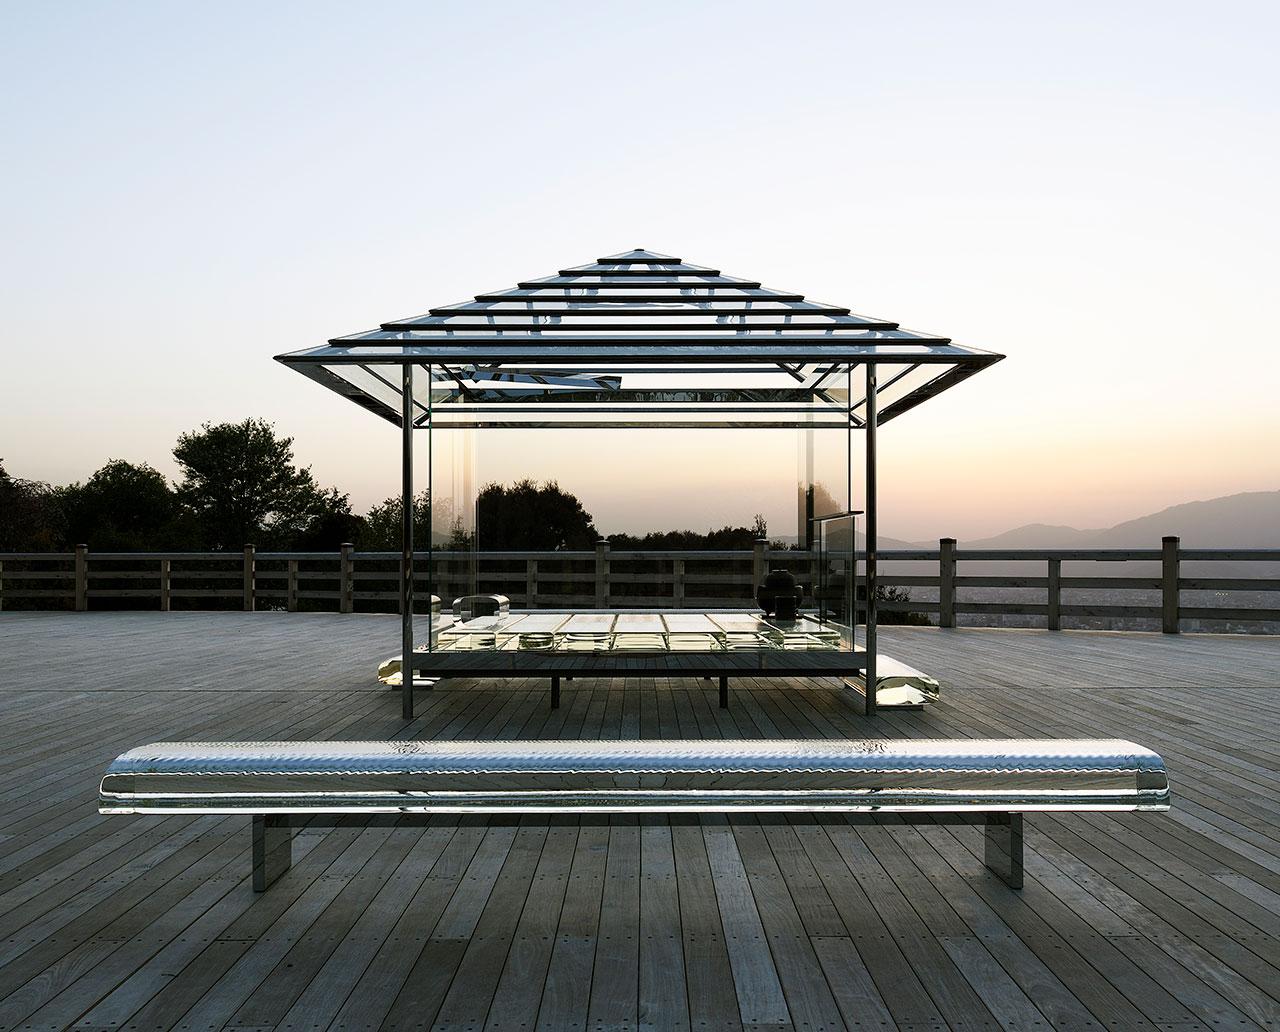 京都の将軍塚青龍殿に設置された「光庵 - ガラスの茶室」(2015) | ©Yasutake Kondo